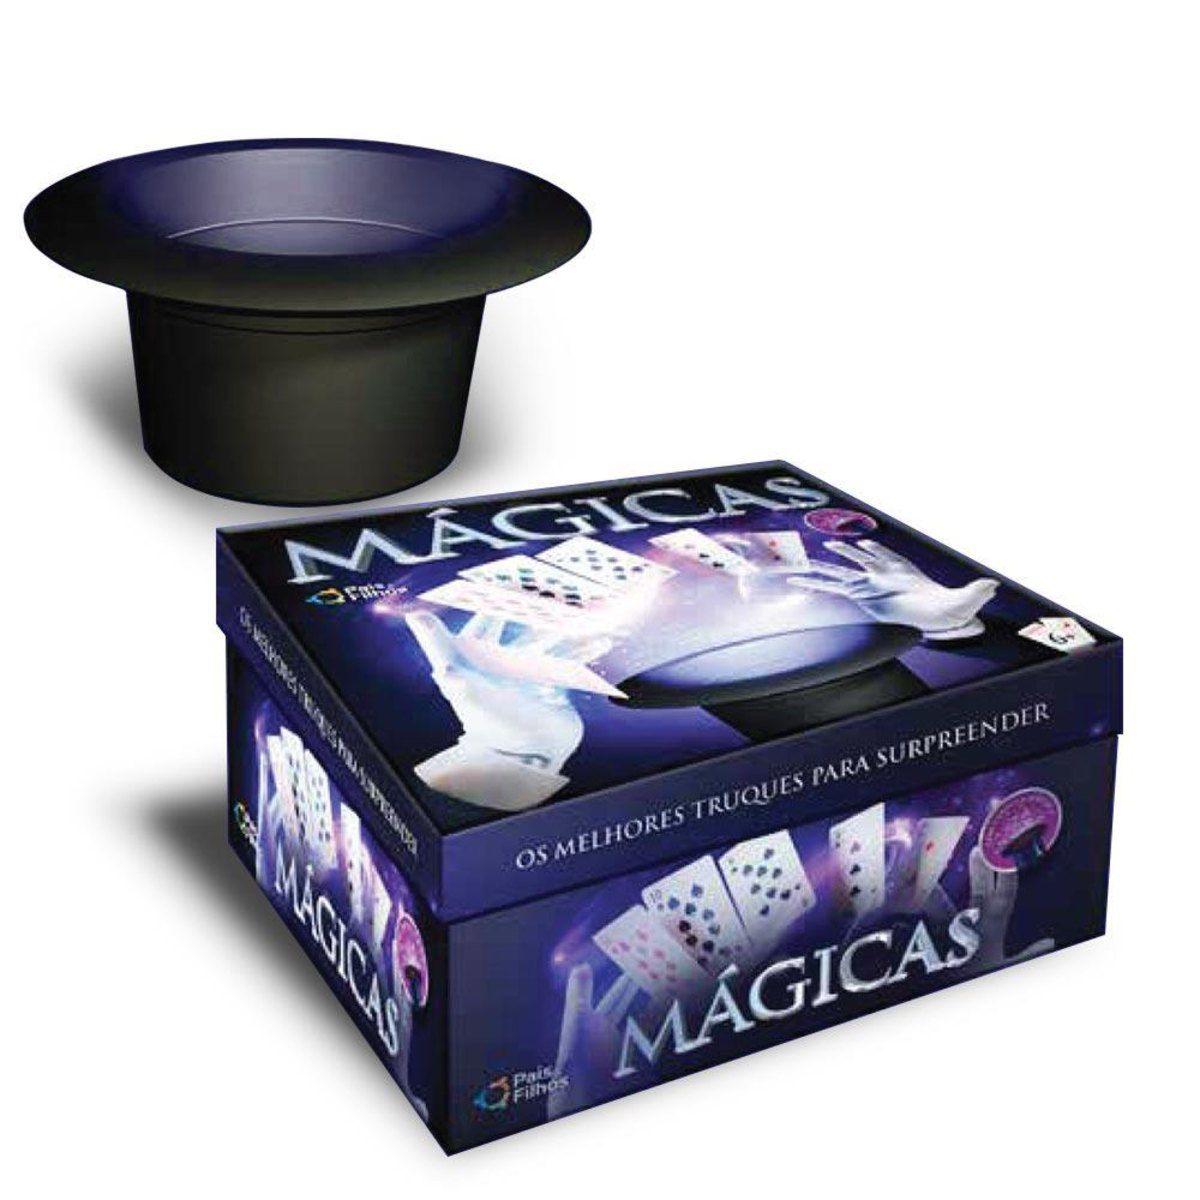 Caixa de Mágicas Infantil com Cartola - 30 Truques - Pais e Filhos